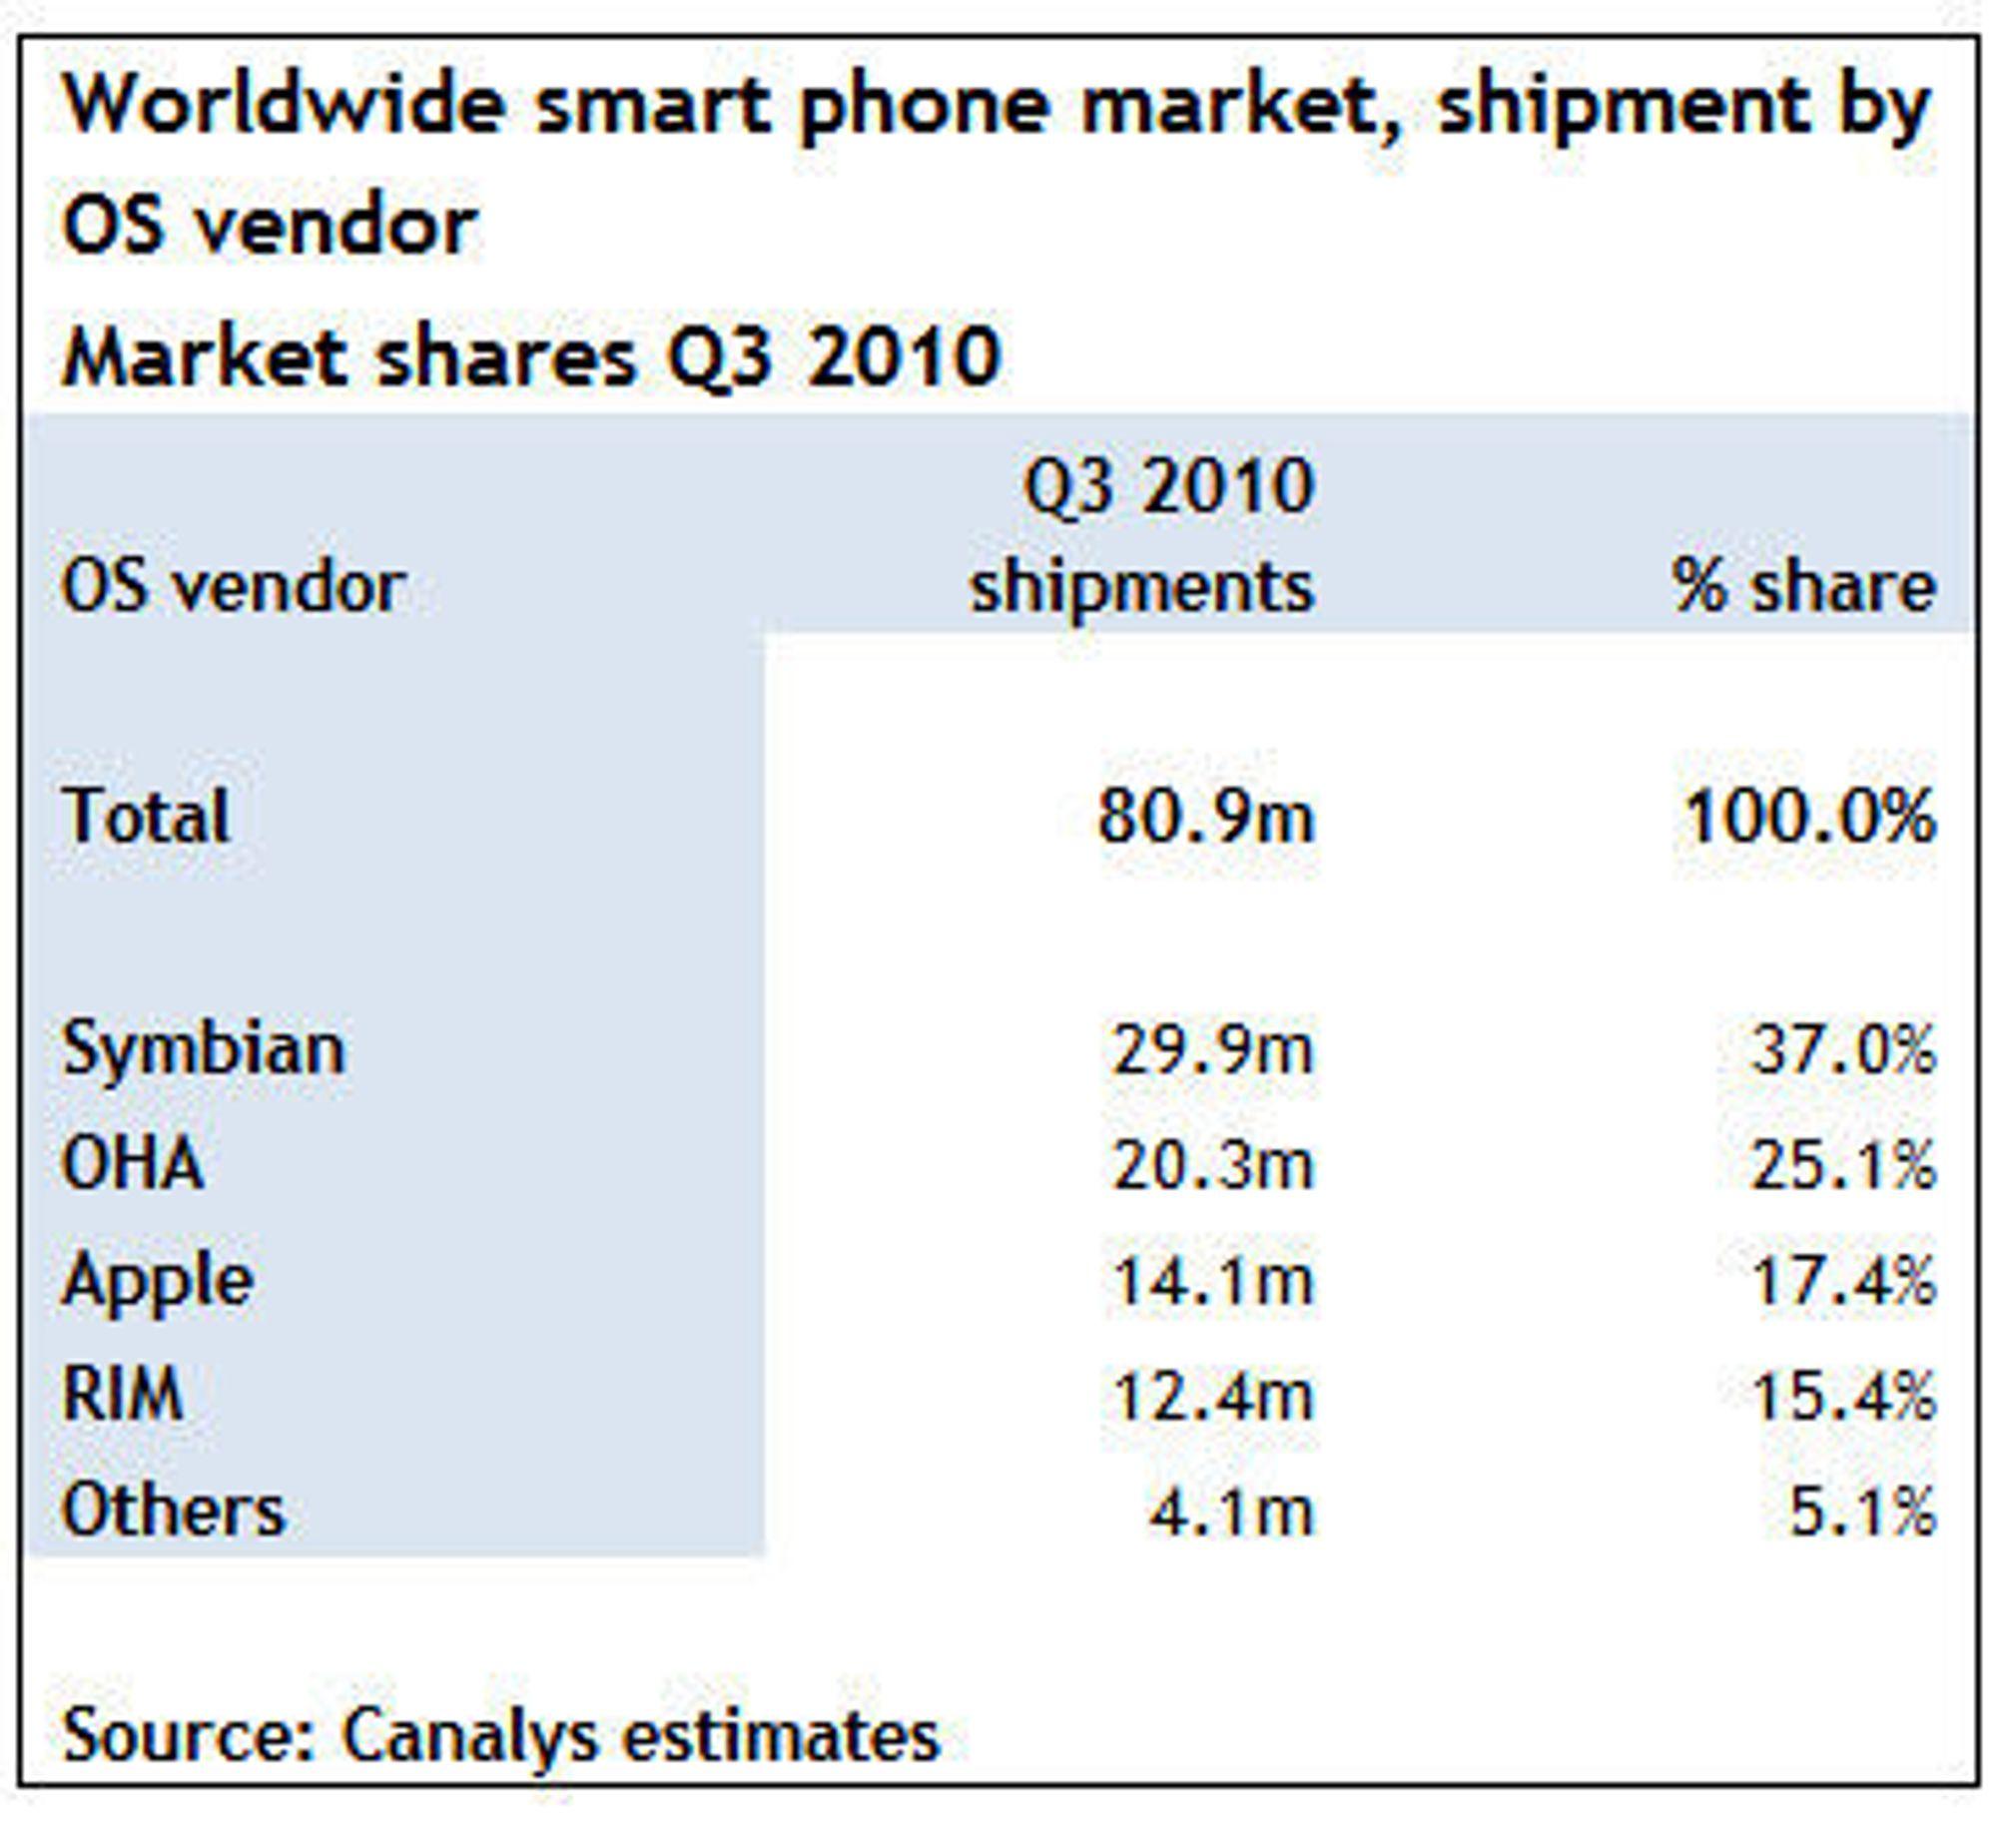 """I tabellen er operativsystemene oppgitt ved leverandør. Symbian stod forsatt bak Symbian-plattformen i tredje kvartal. OHA (Open Handset Alliance) er offisiell utgiver av Android. RIM står bak BlackBerry. I samleposten """"Others"""" finnes blant annet Windows Mobile, WebOS, Maemo/Meego og Bada."""